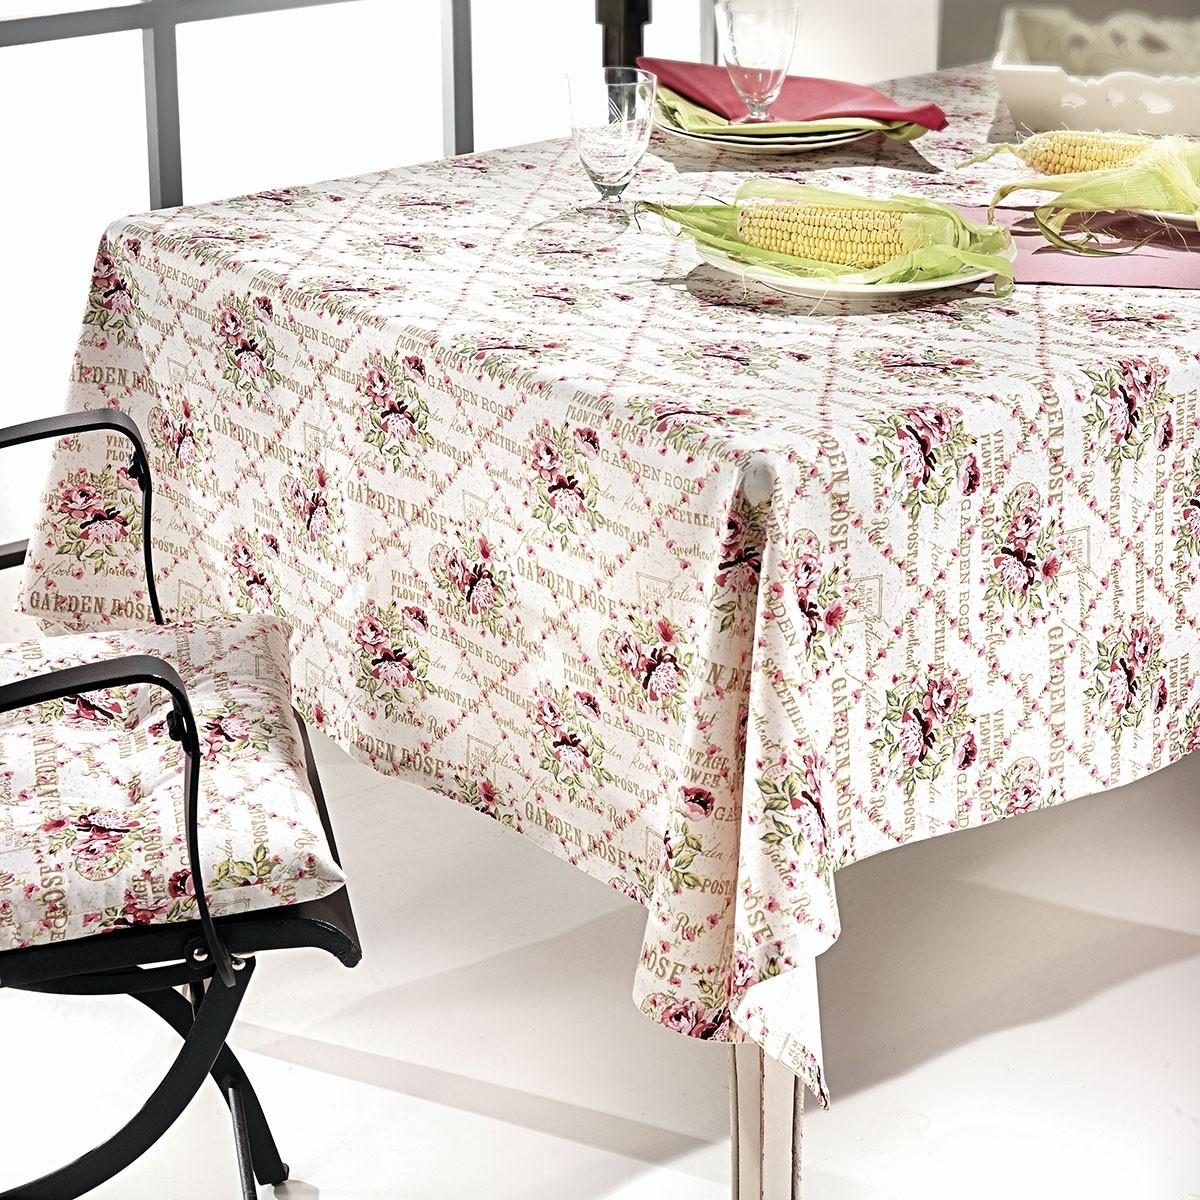 Τραπεζομάντηλο (150×250) Nima Garden Rose 01 Pink